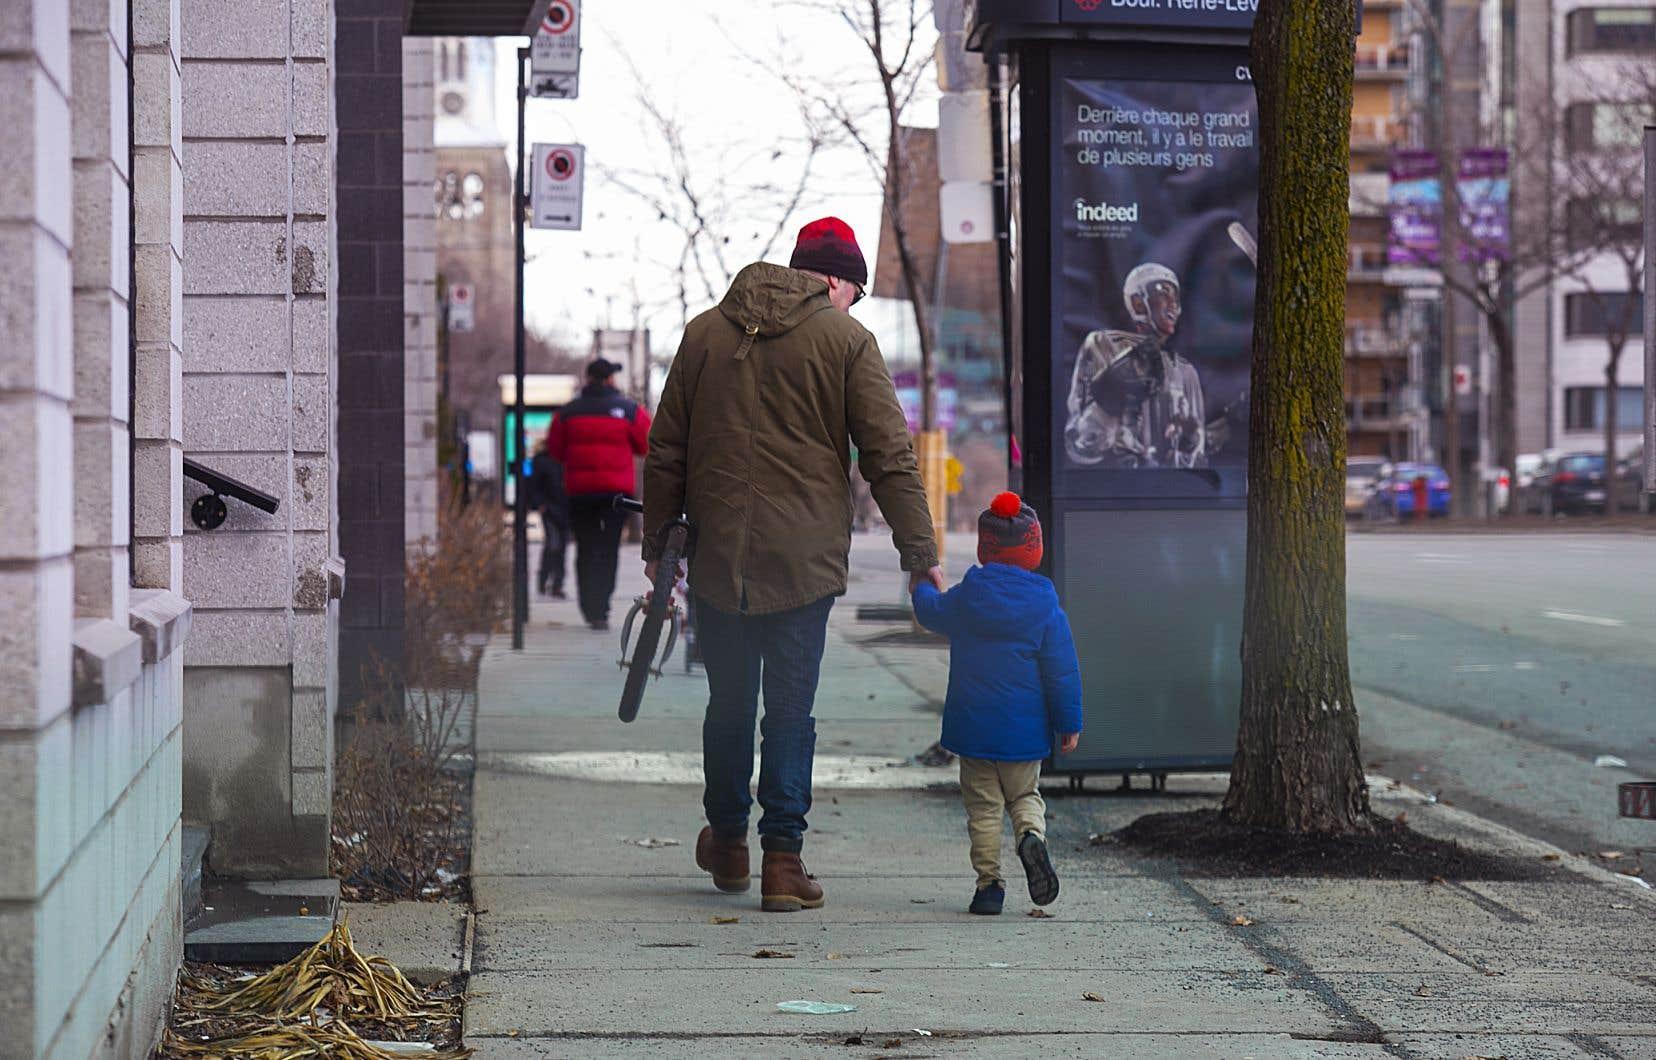 Les pères de famille, longtemps laissés de côté, assument désormais leur parentalité.